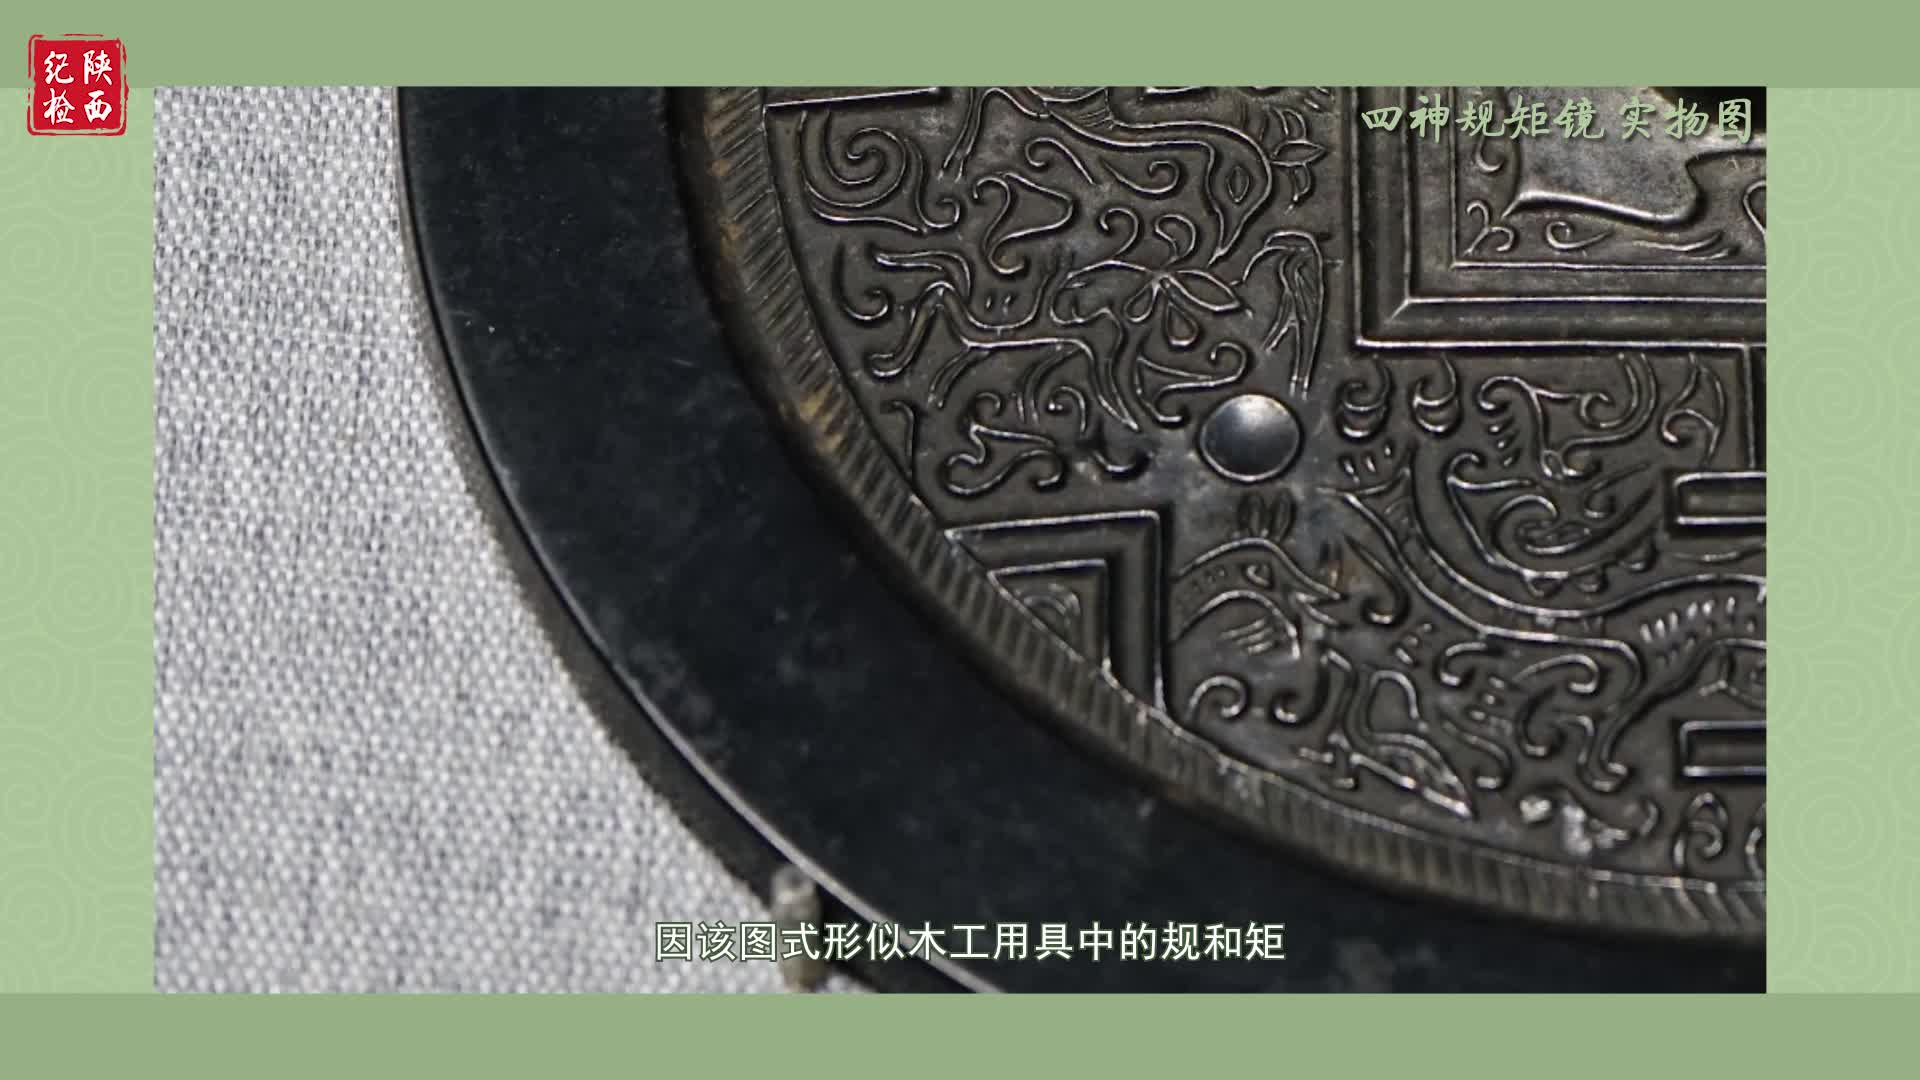 陕西廉政文物—四神规矩镜篇